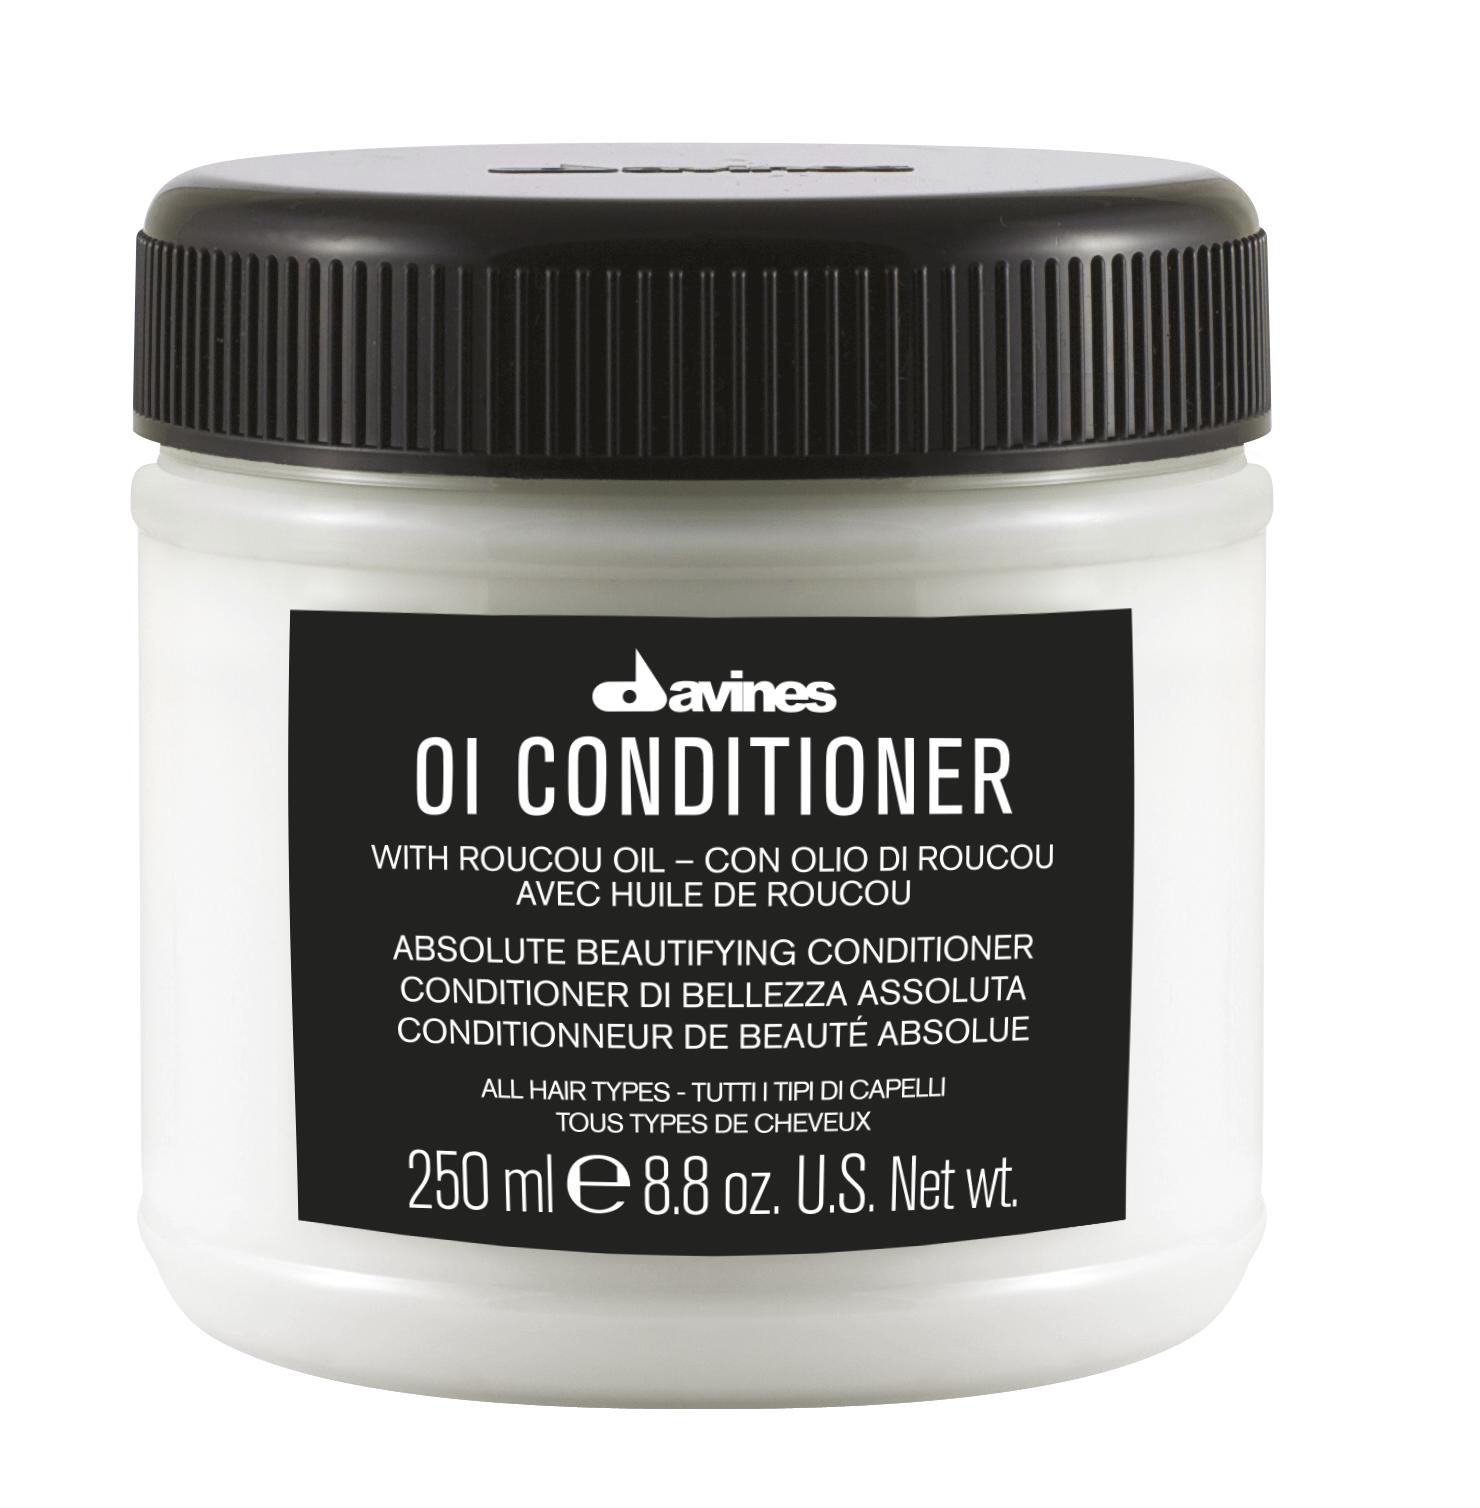 Davines OI Conditioner 250ml